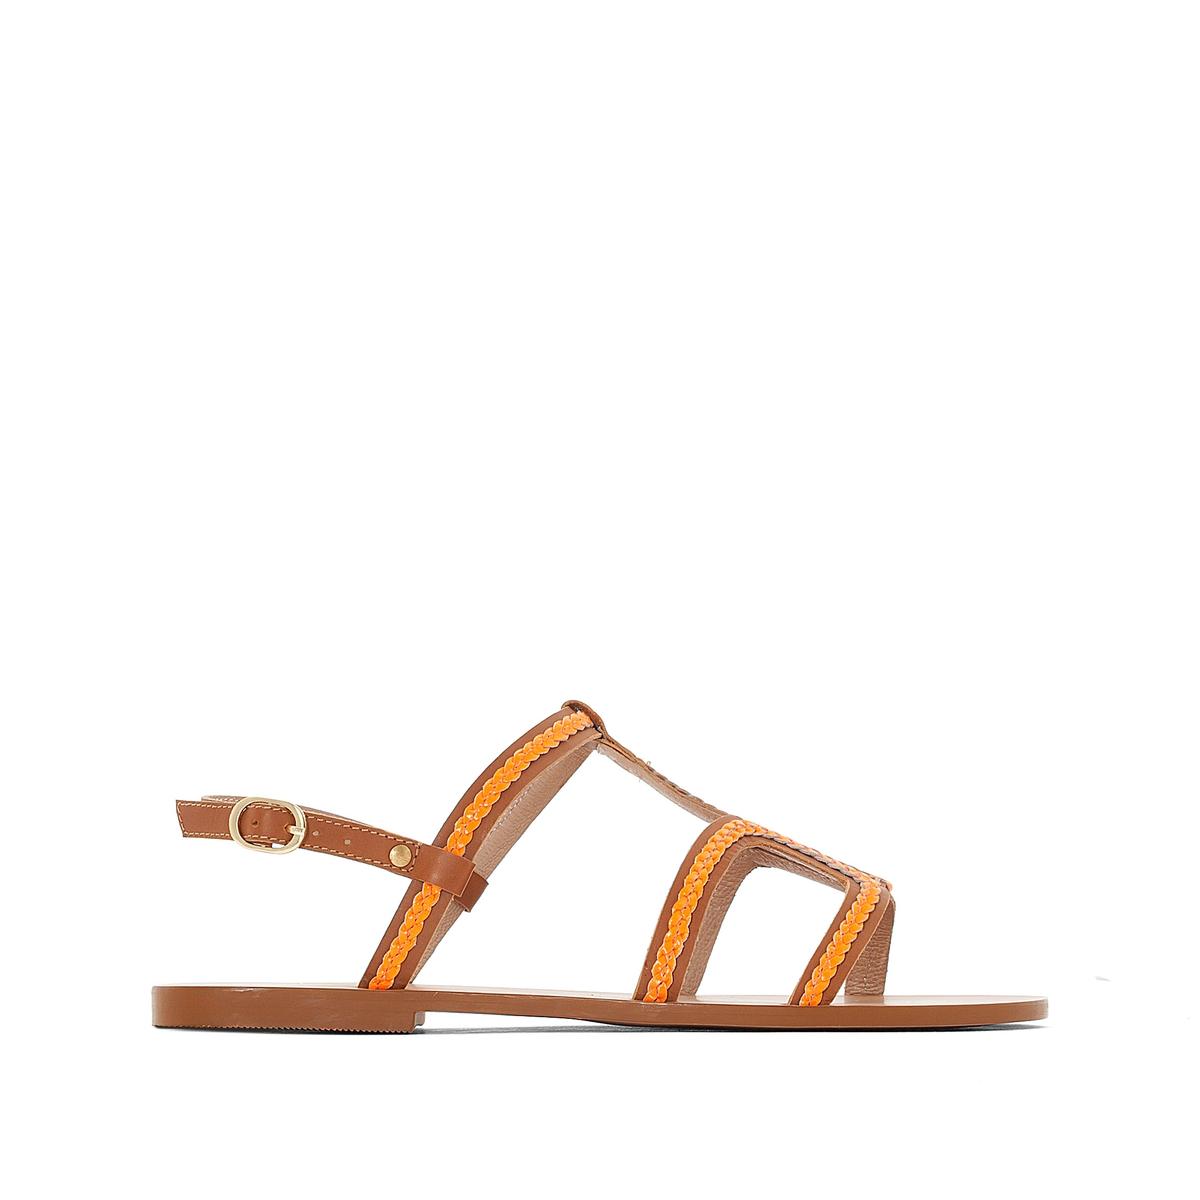 Босоножки кожаные с плетеными ремешками на плоском каблукеВерх : кожа   Подкладка : кожа   Стелька : кожа   Подошва : эластомер   Высота каблука : плоский   Форма каблука : плоский   Мысок : открытый   Застежка : ремешок с пряжкой<br><br>Цвет: оранжевый<br>Размер: 39